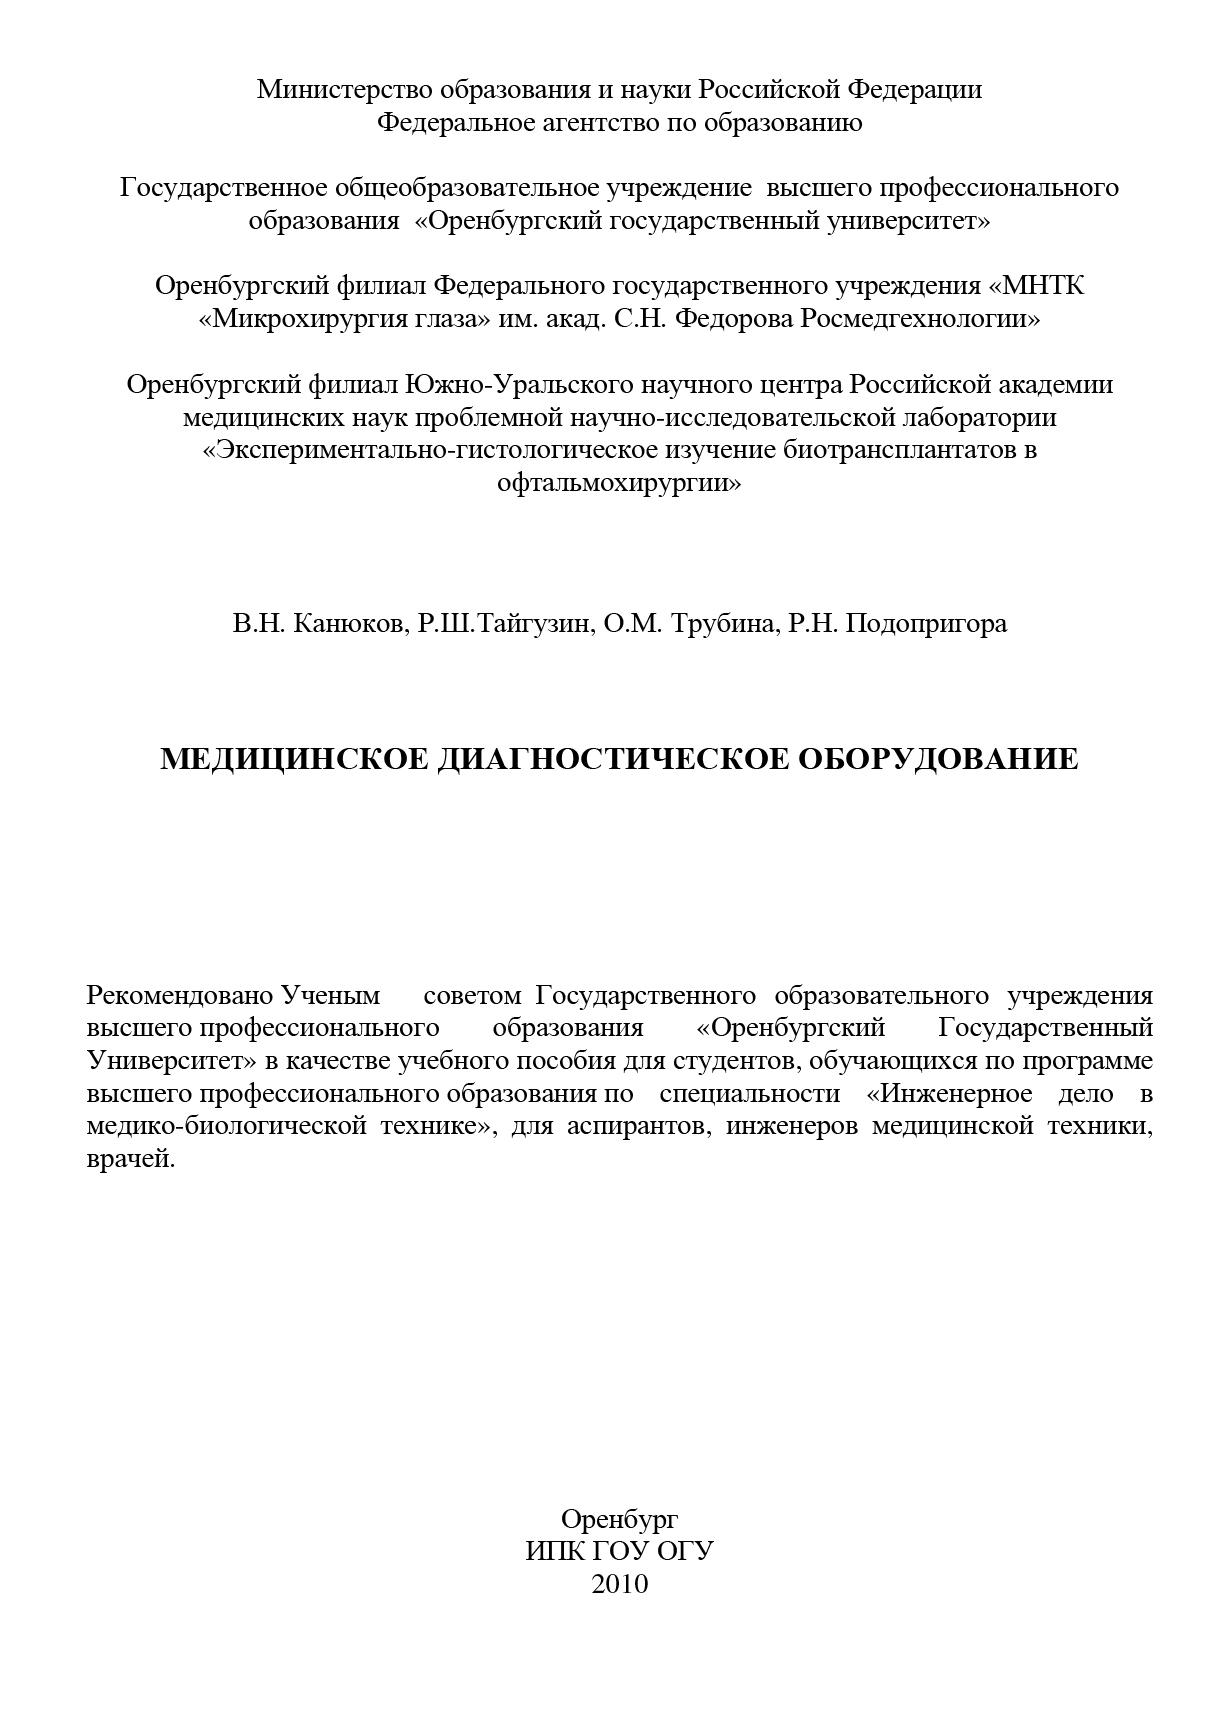 В. Н. Канюков Медицинское диагностическое оборудование в н канюков медицинское диагностическое оборудование